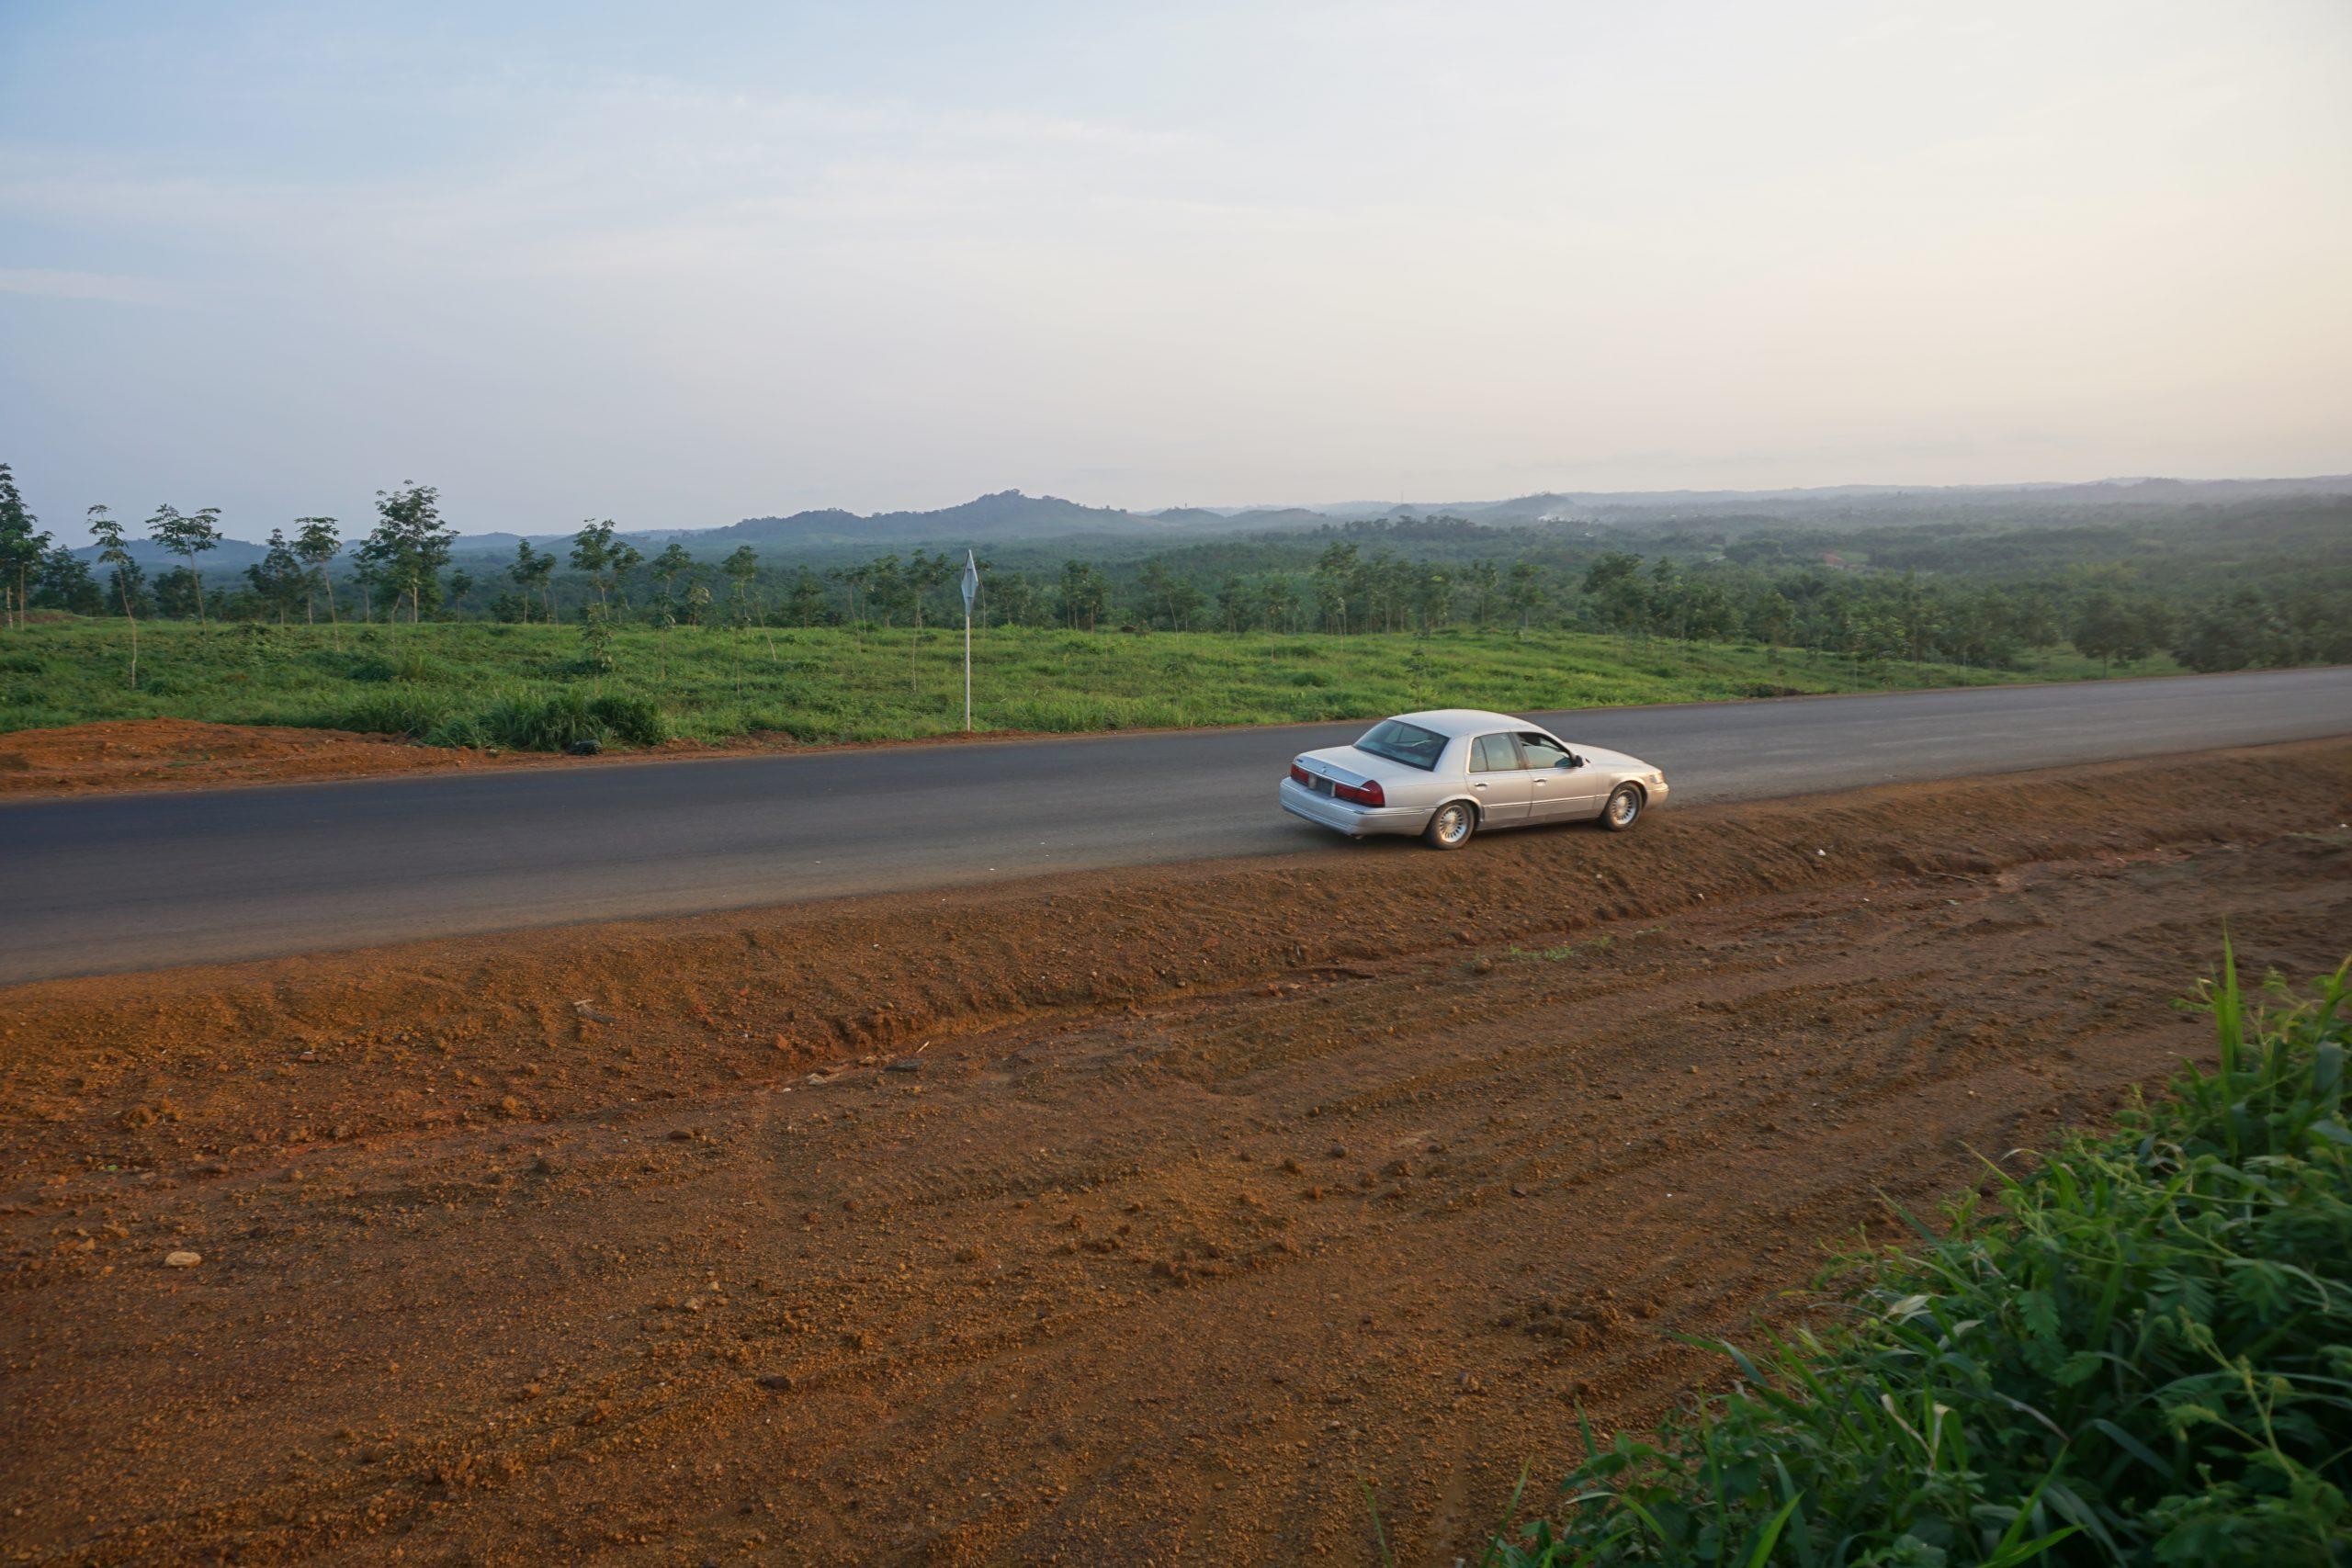 Highway from Monrovia to Gbarnga